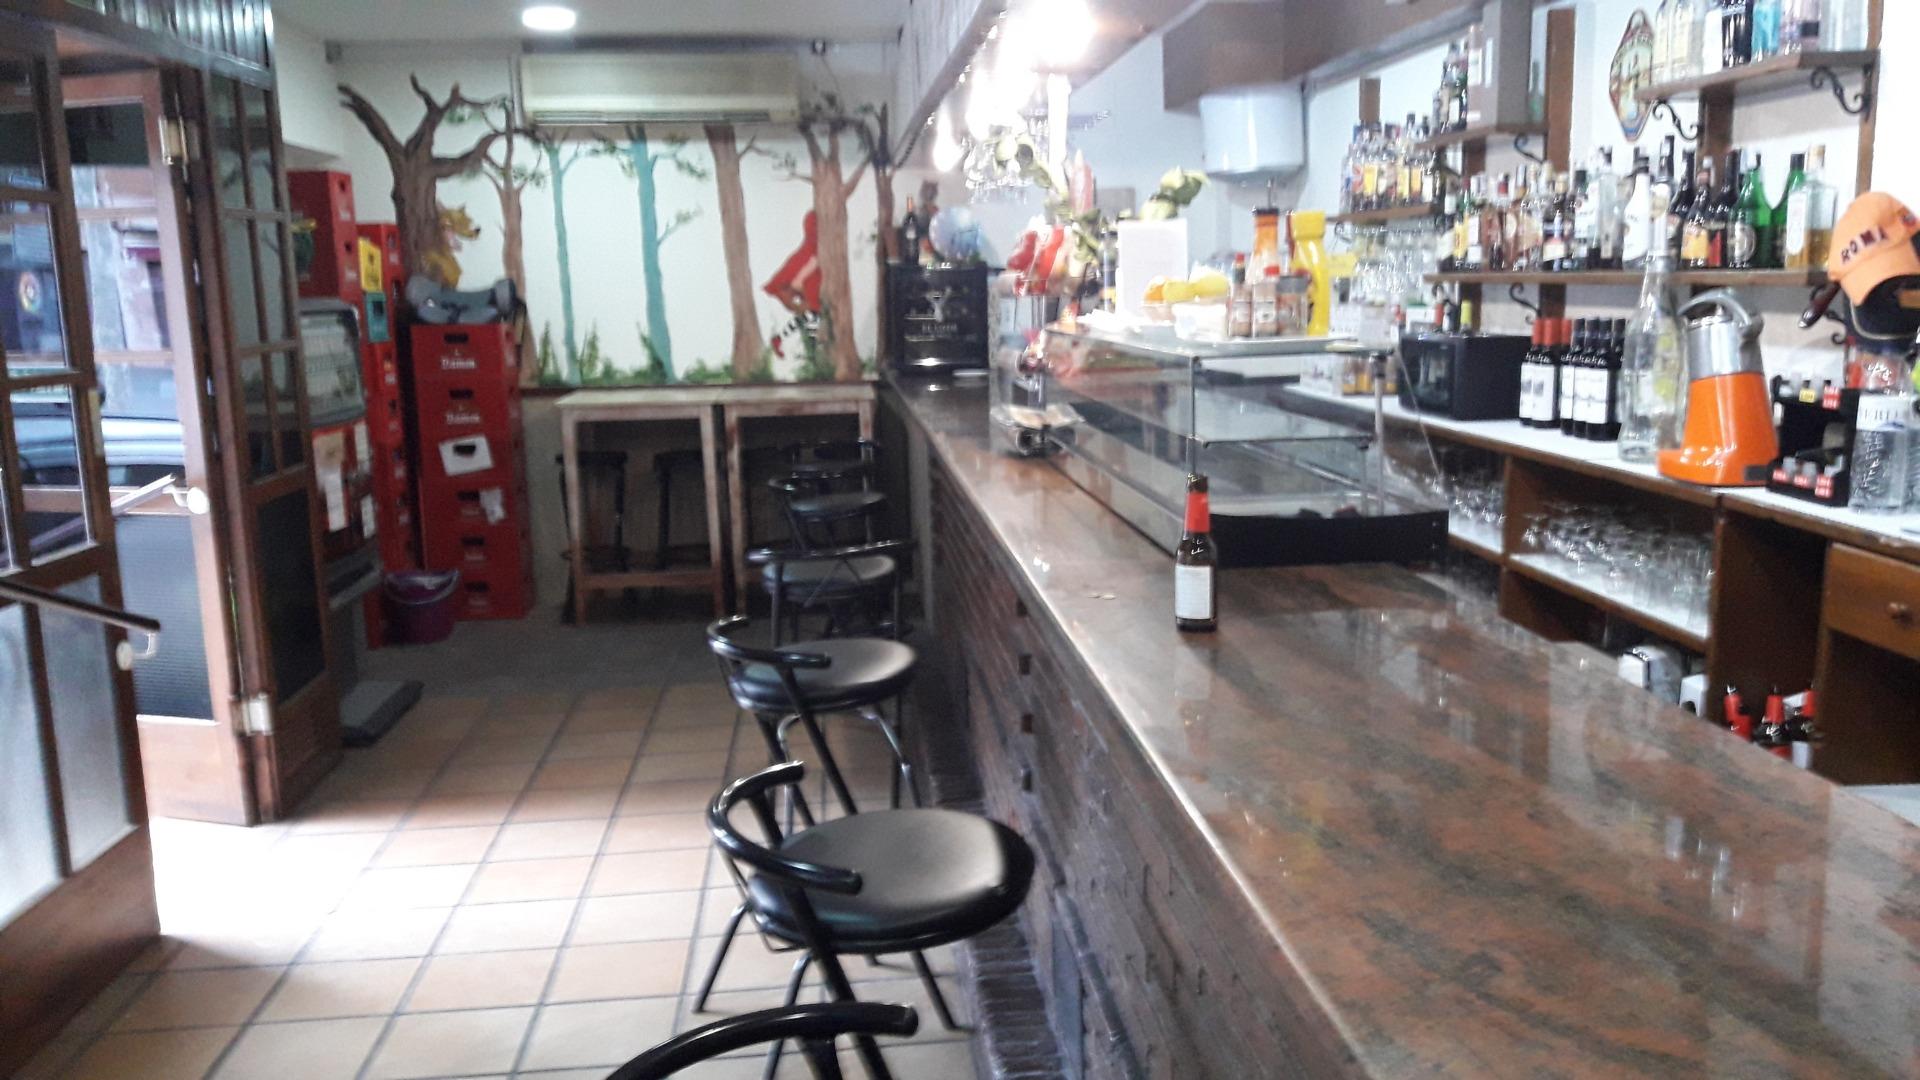 Traspàs Local Comercial  Viladecans - torre roja - campreciós -  grup sant jordi